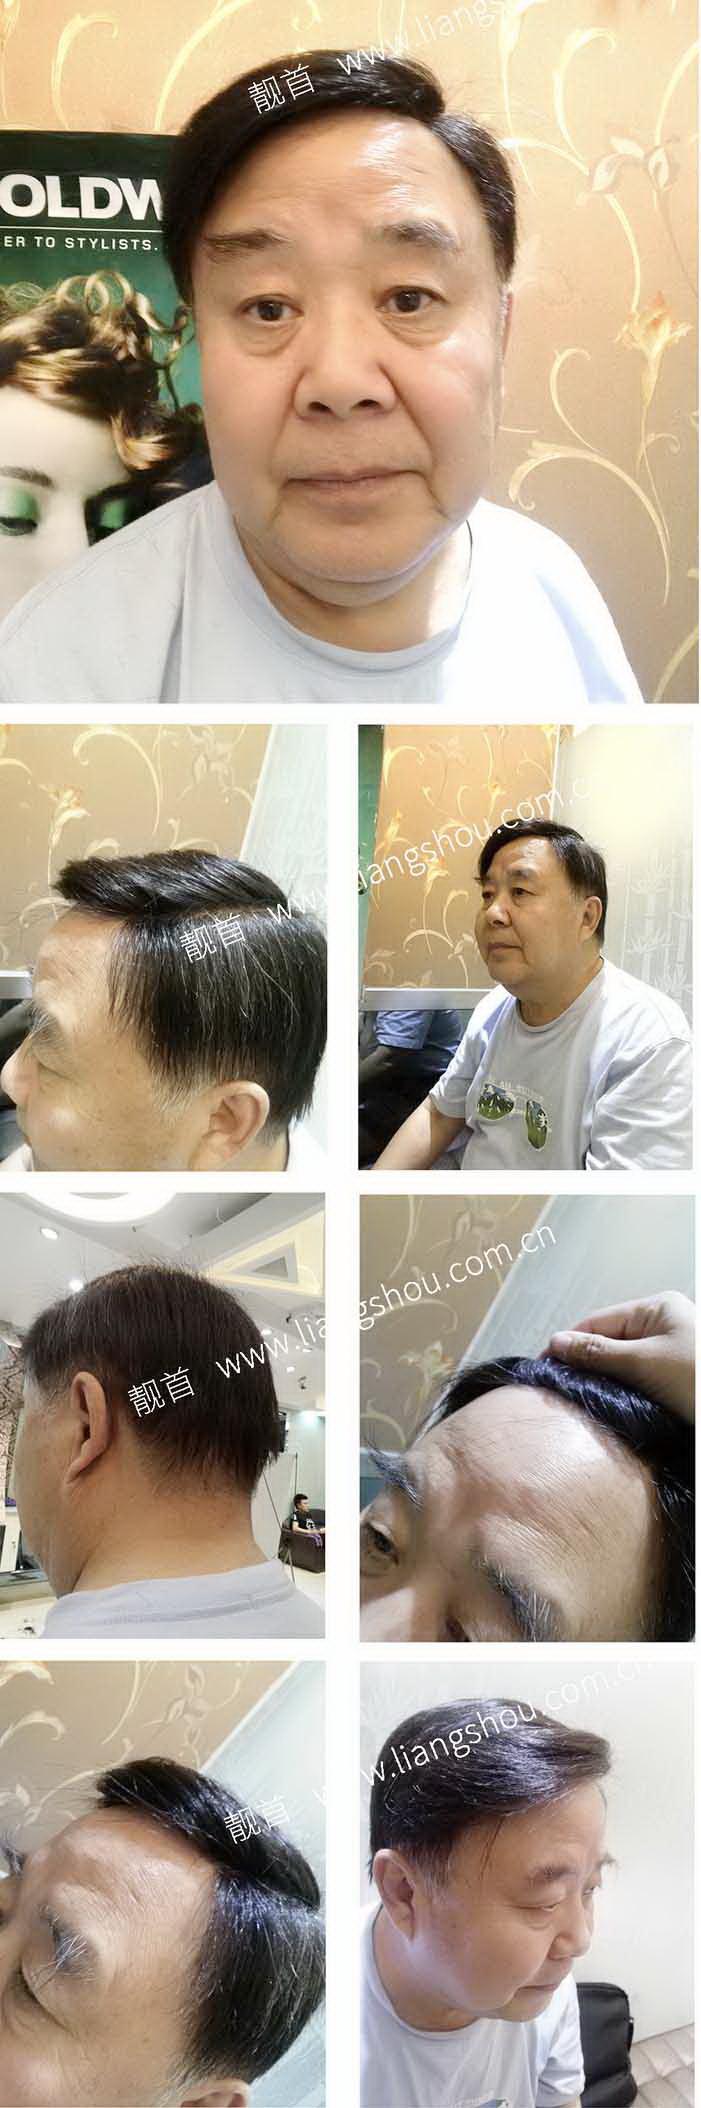 老年-自由式-发块-发际线-男织发补发案例图